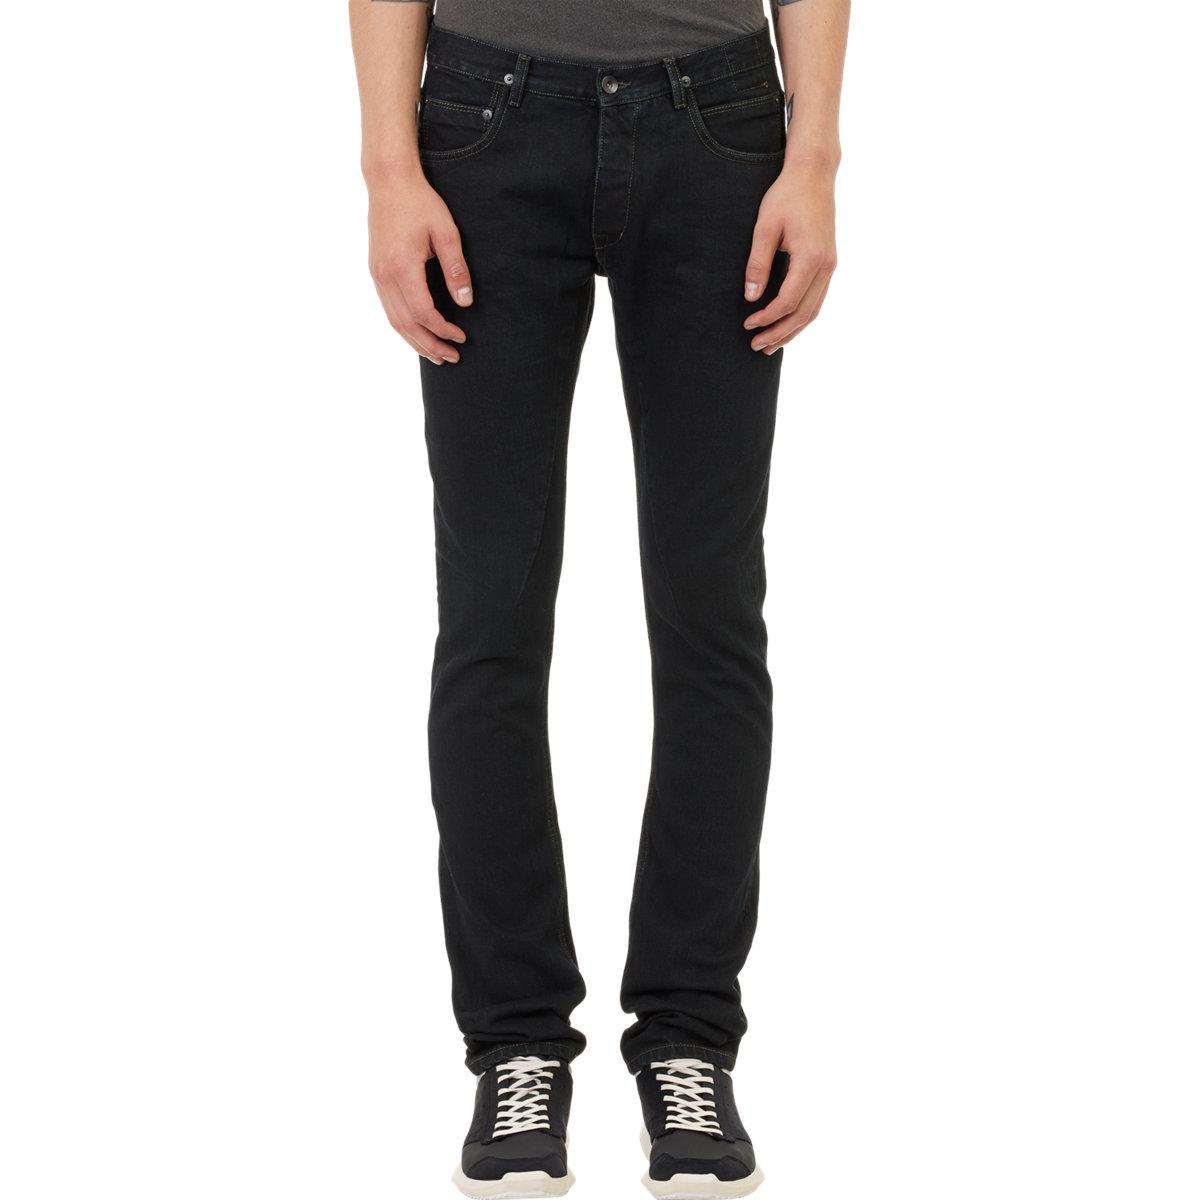 1f06379888844 DRKSHDW by Rick Owens Detroit Cut Jeans in Black for Men - Lyst